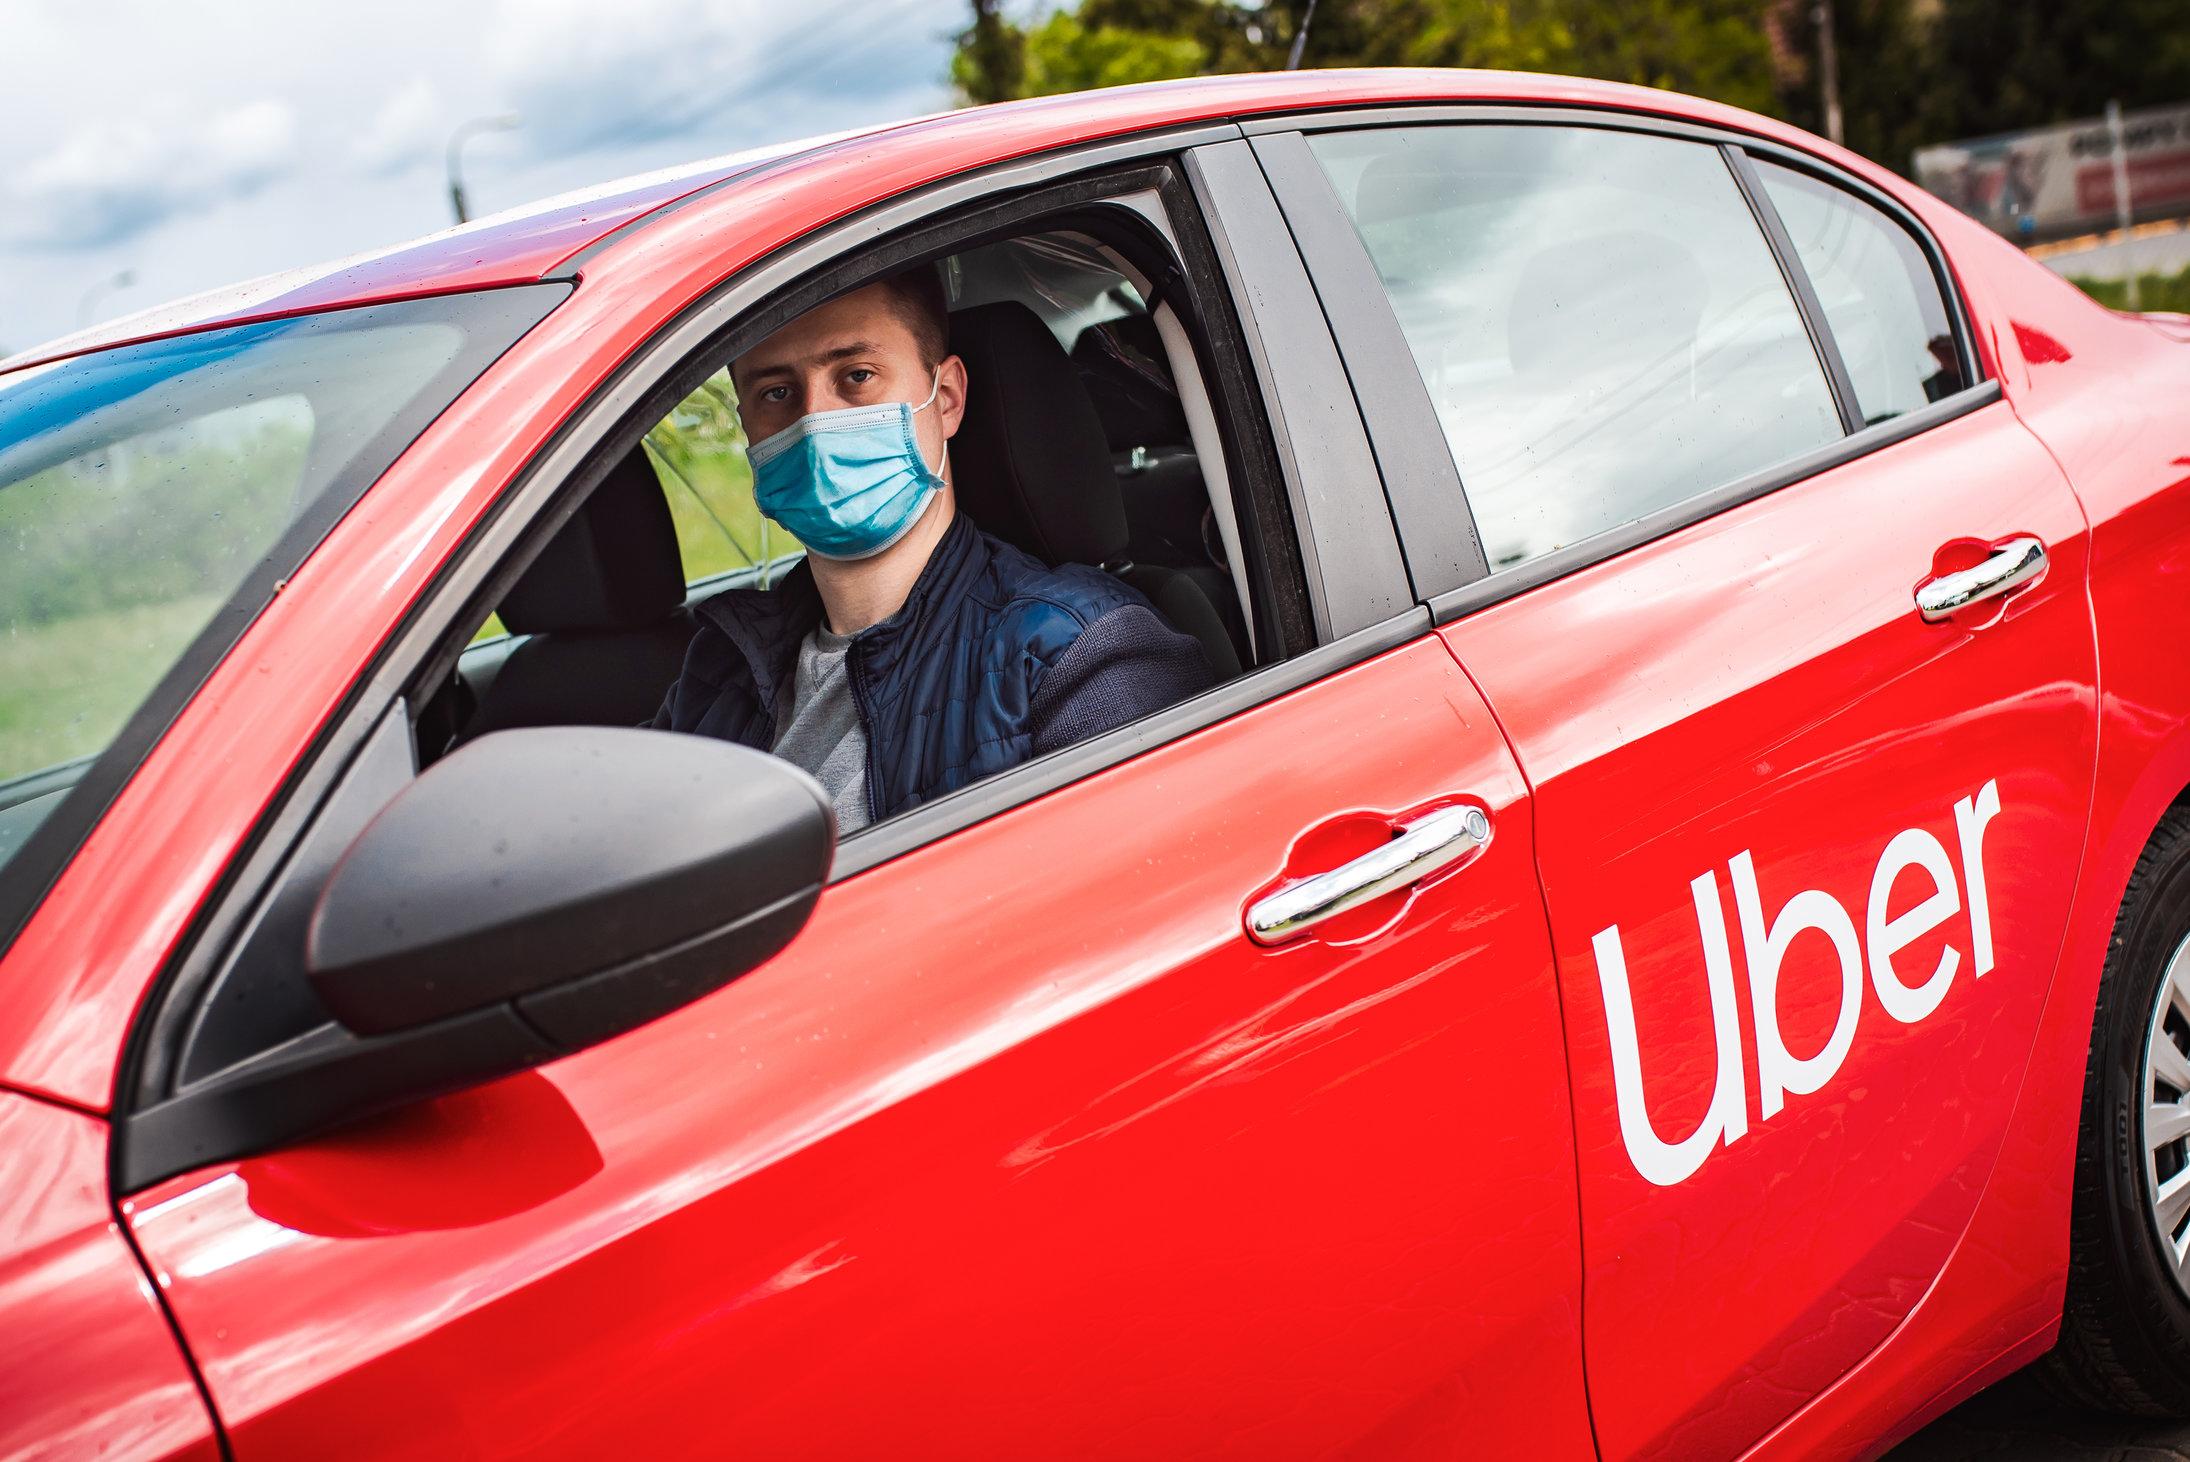 Uber implementează în România noi măsuri pentru protejarea șoferilor și clienților